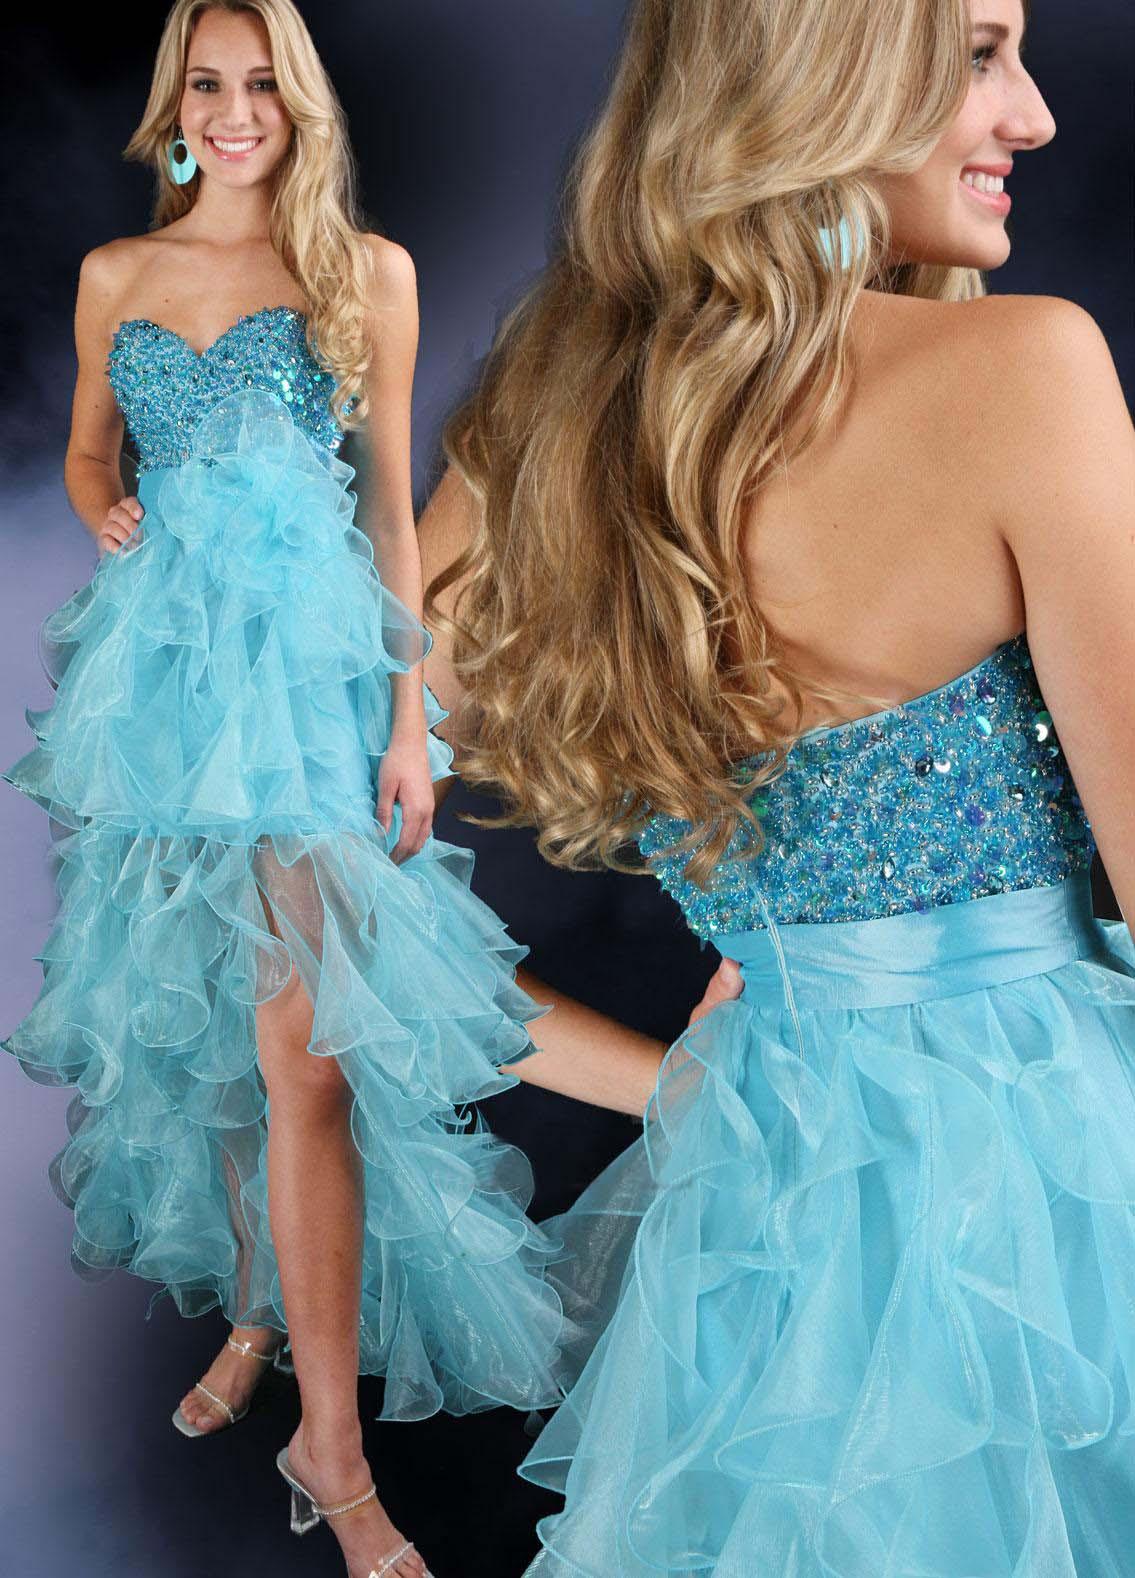 Sky blue Special occasion dresses 2012